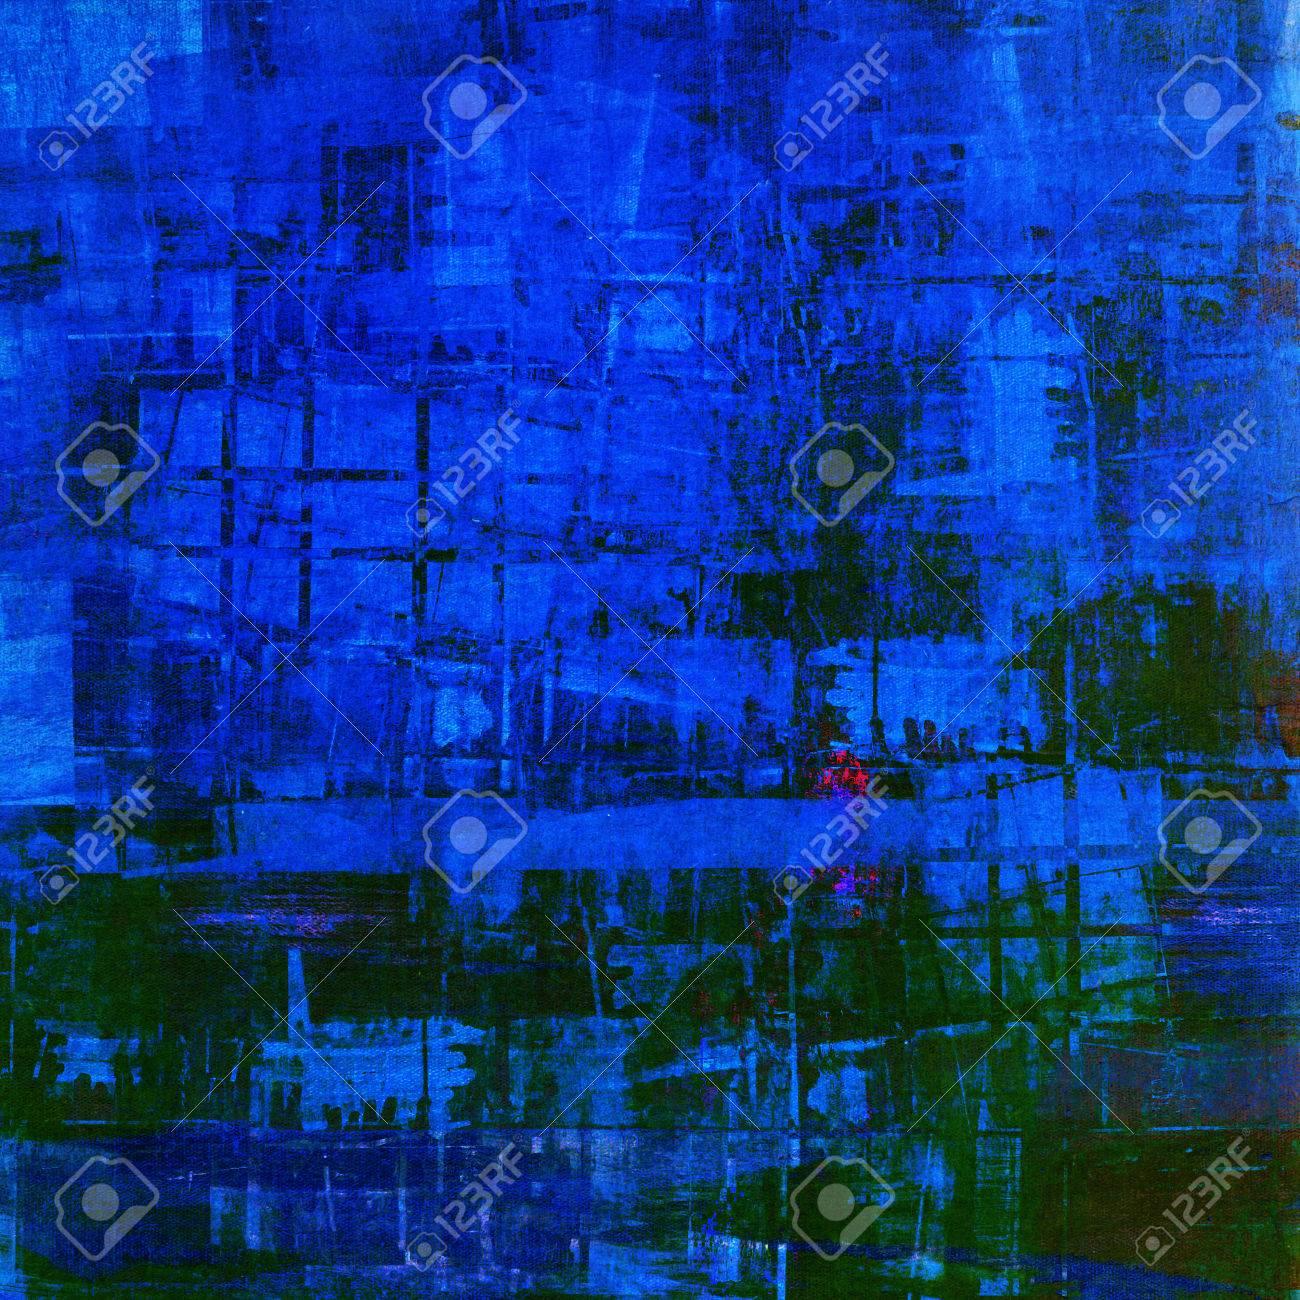 Résumé De Fond Dans La Peinture Bleu Foncé